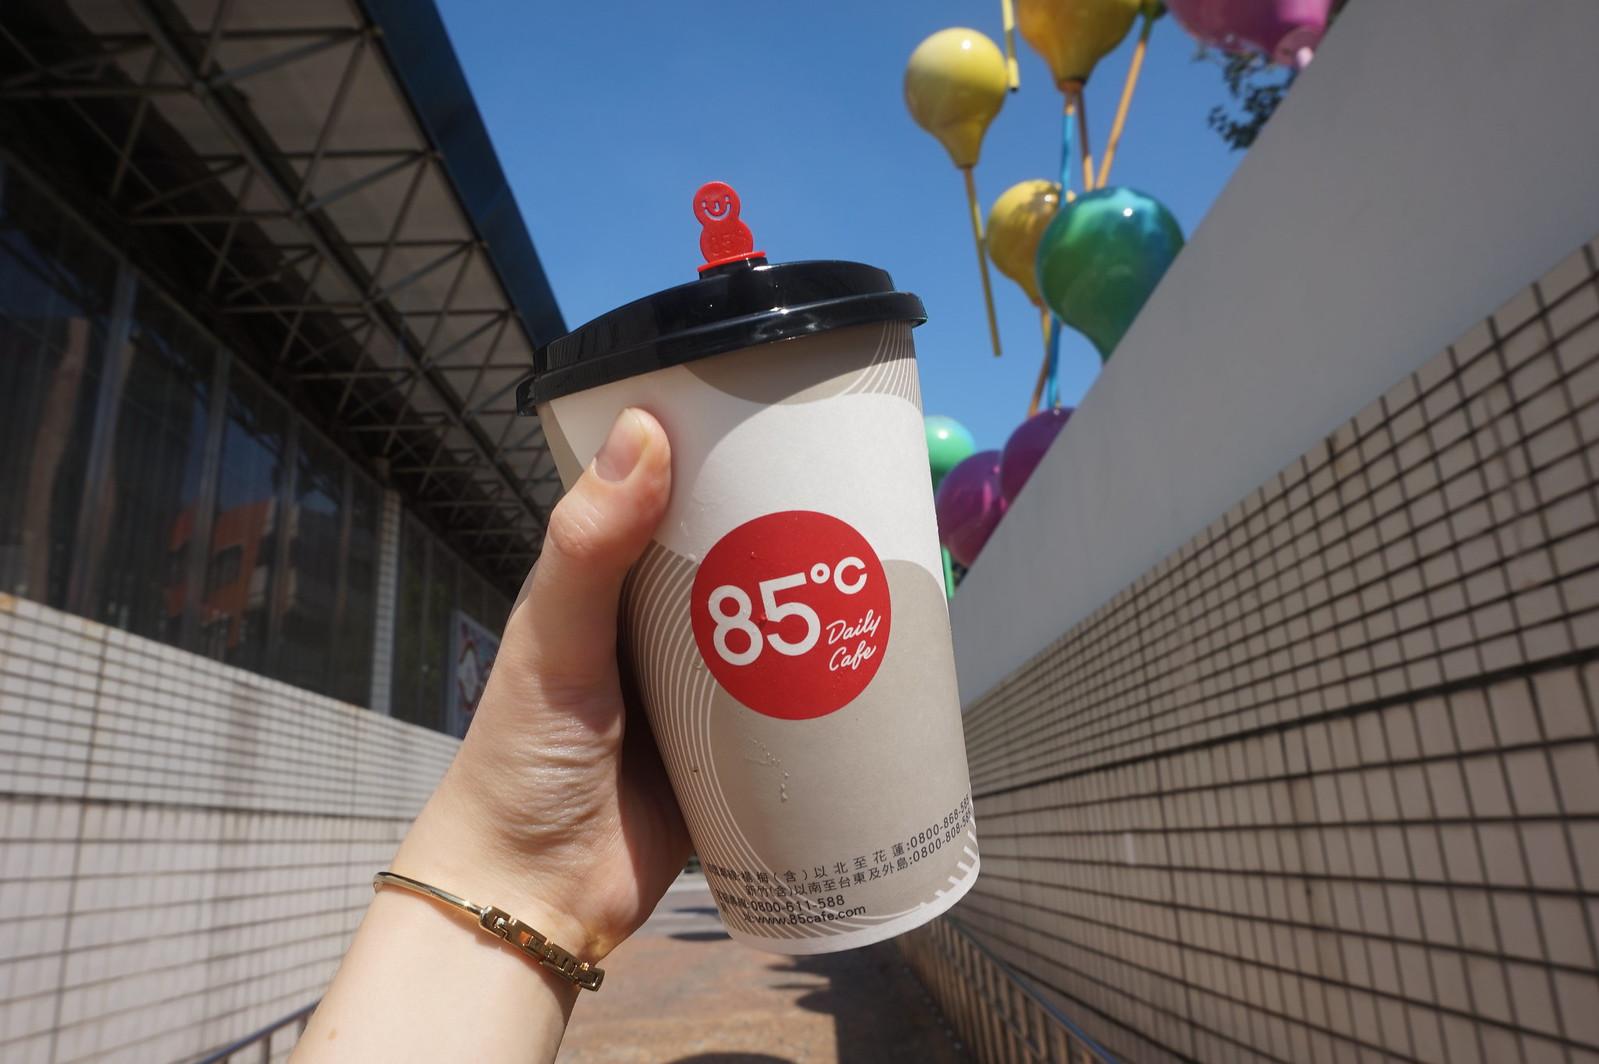 85coffee